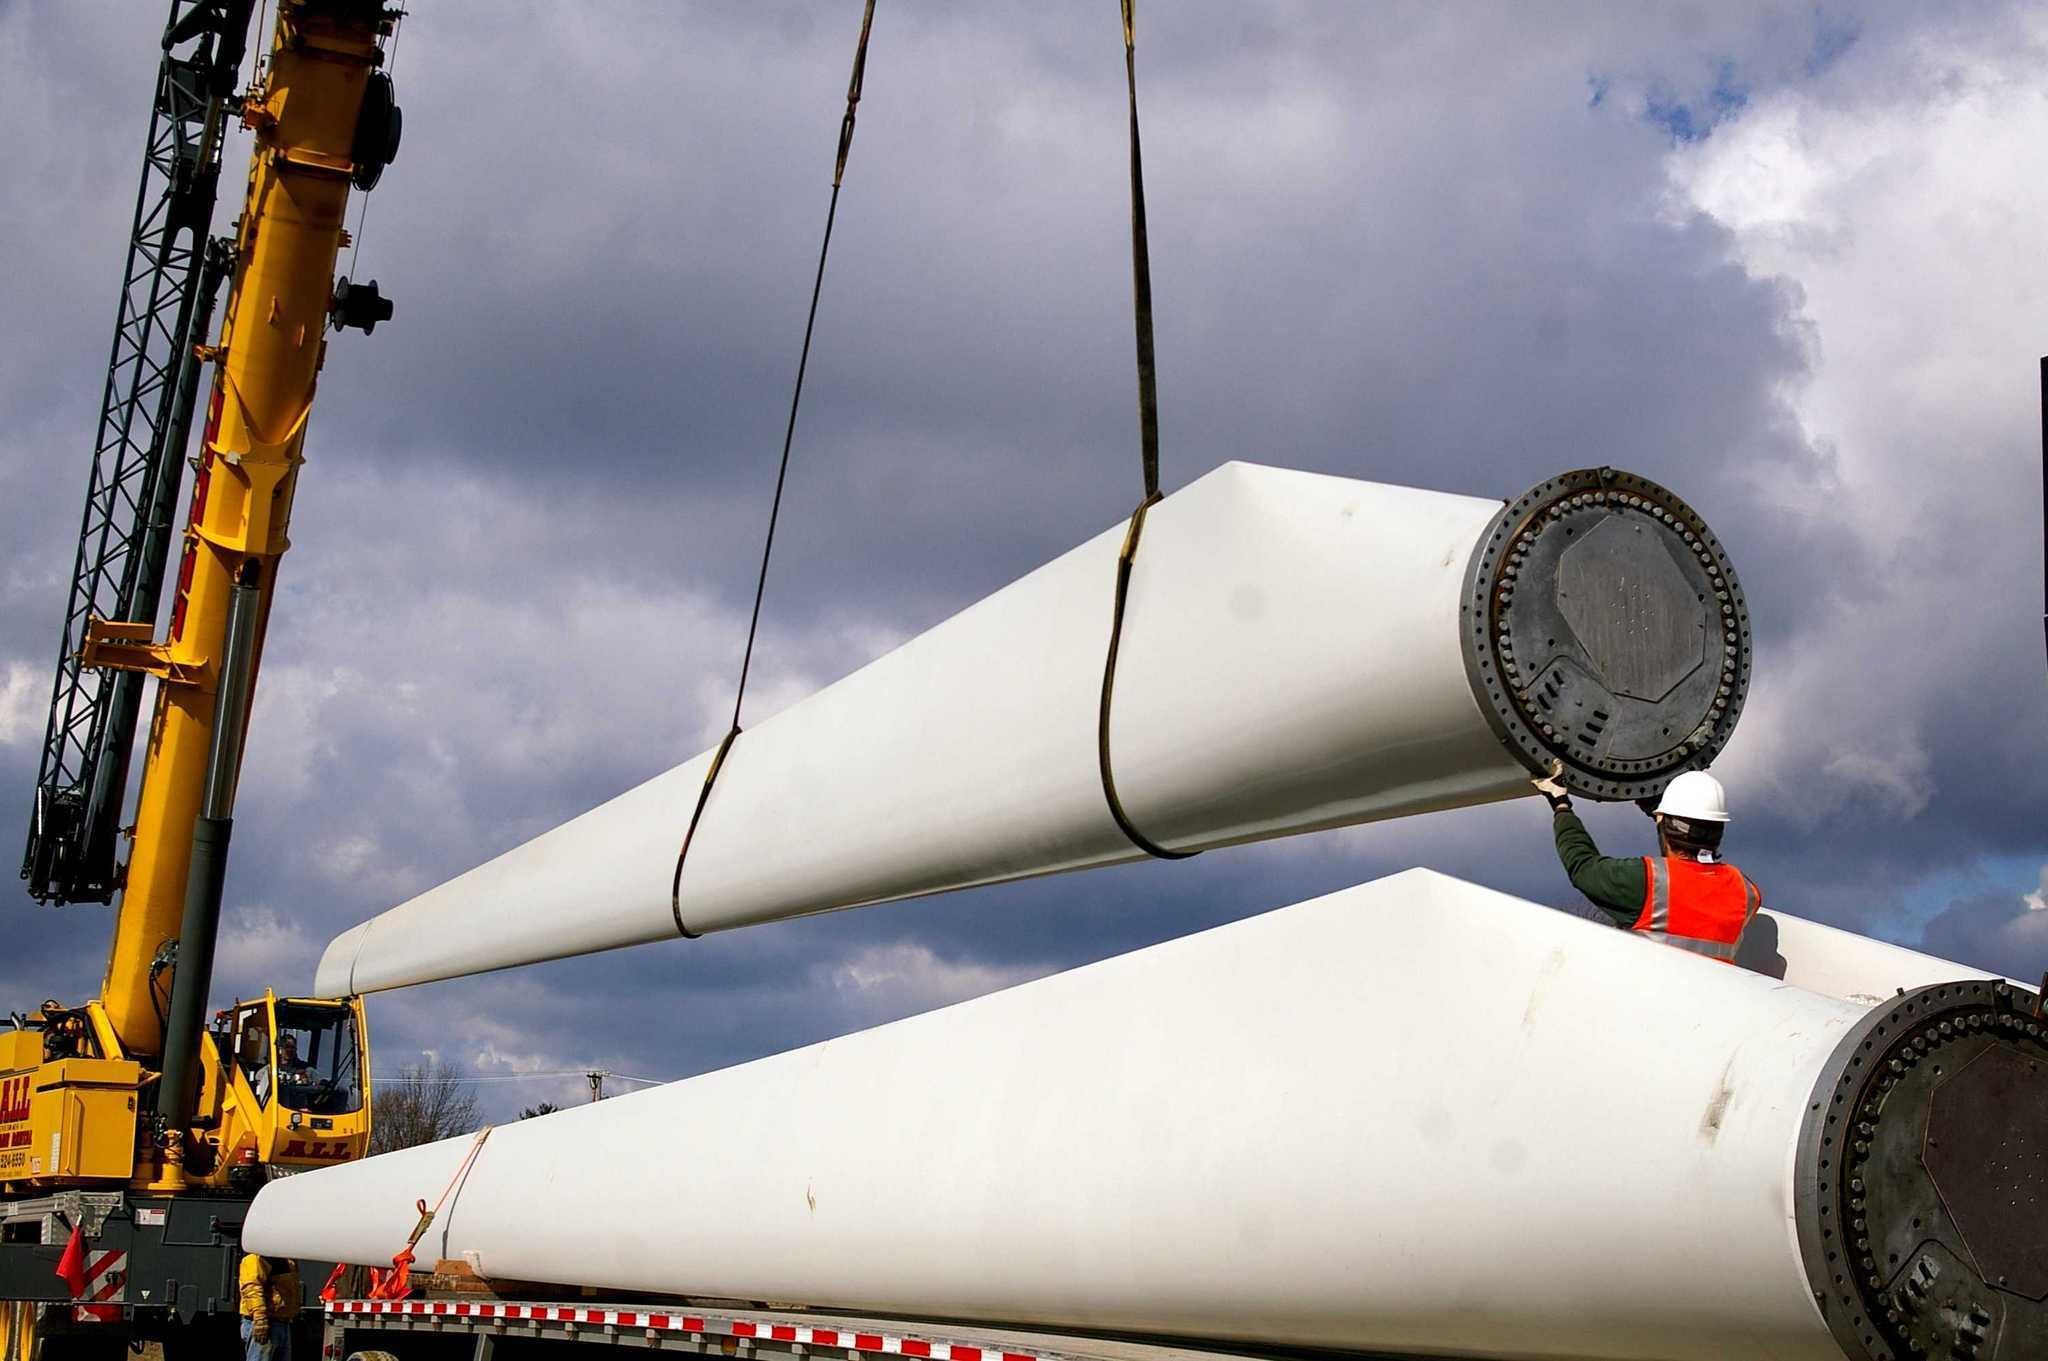 wind-turbines-wind-energy-wind-power